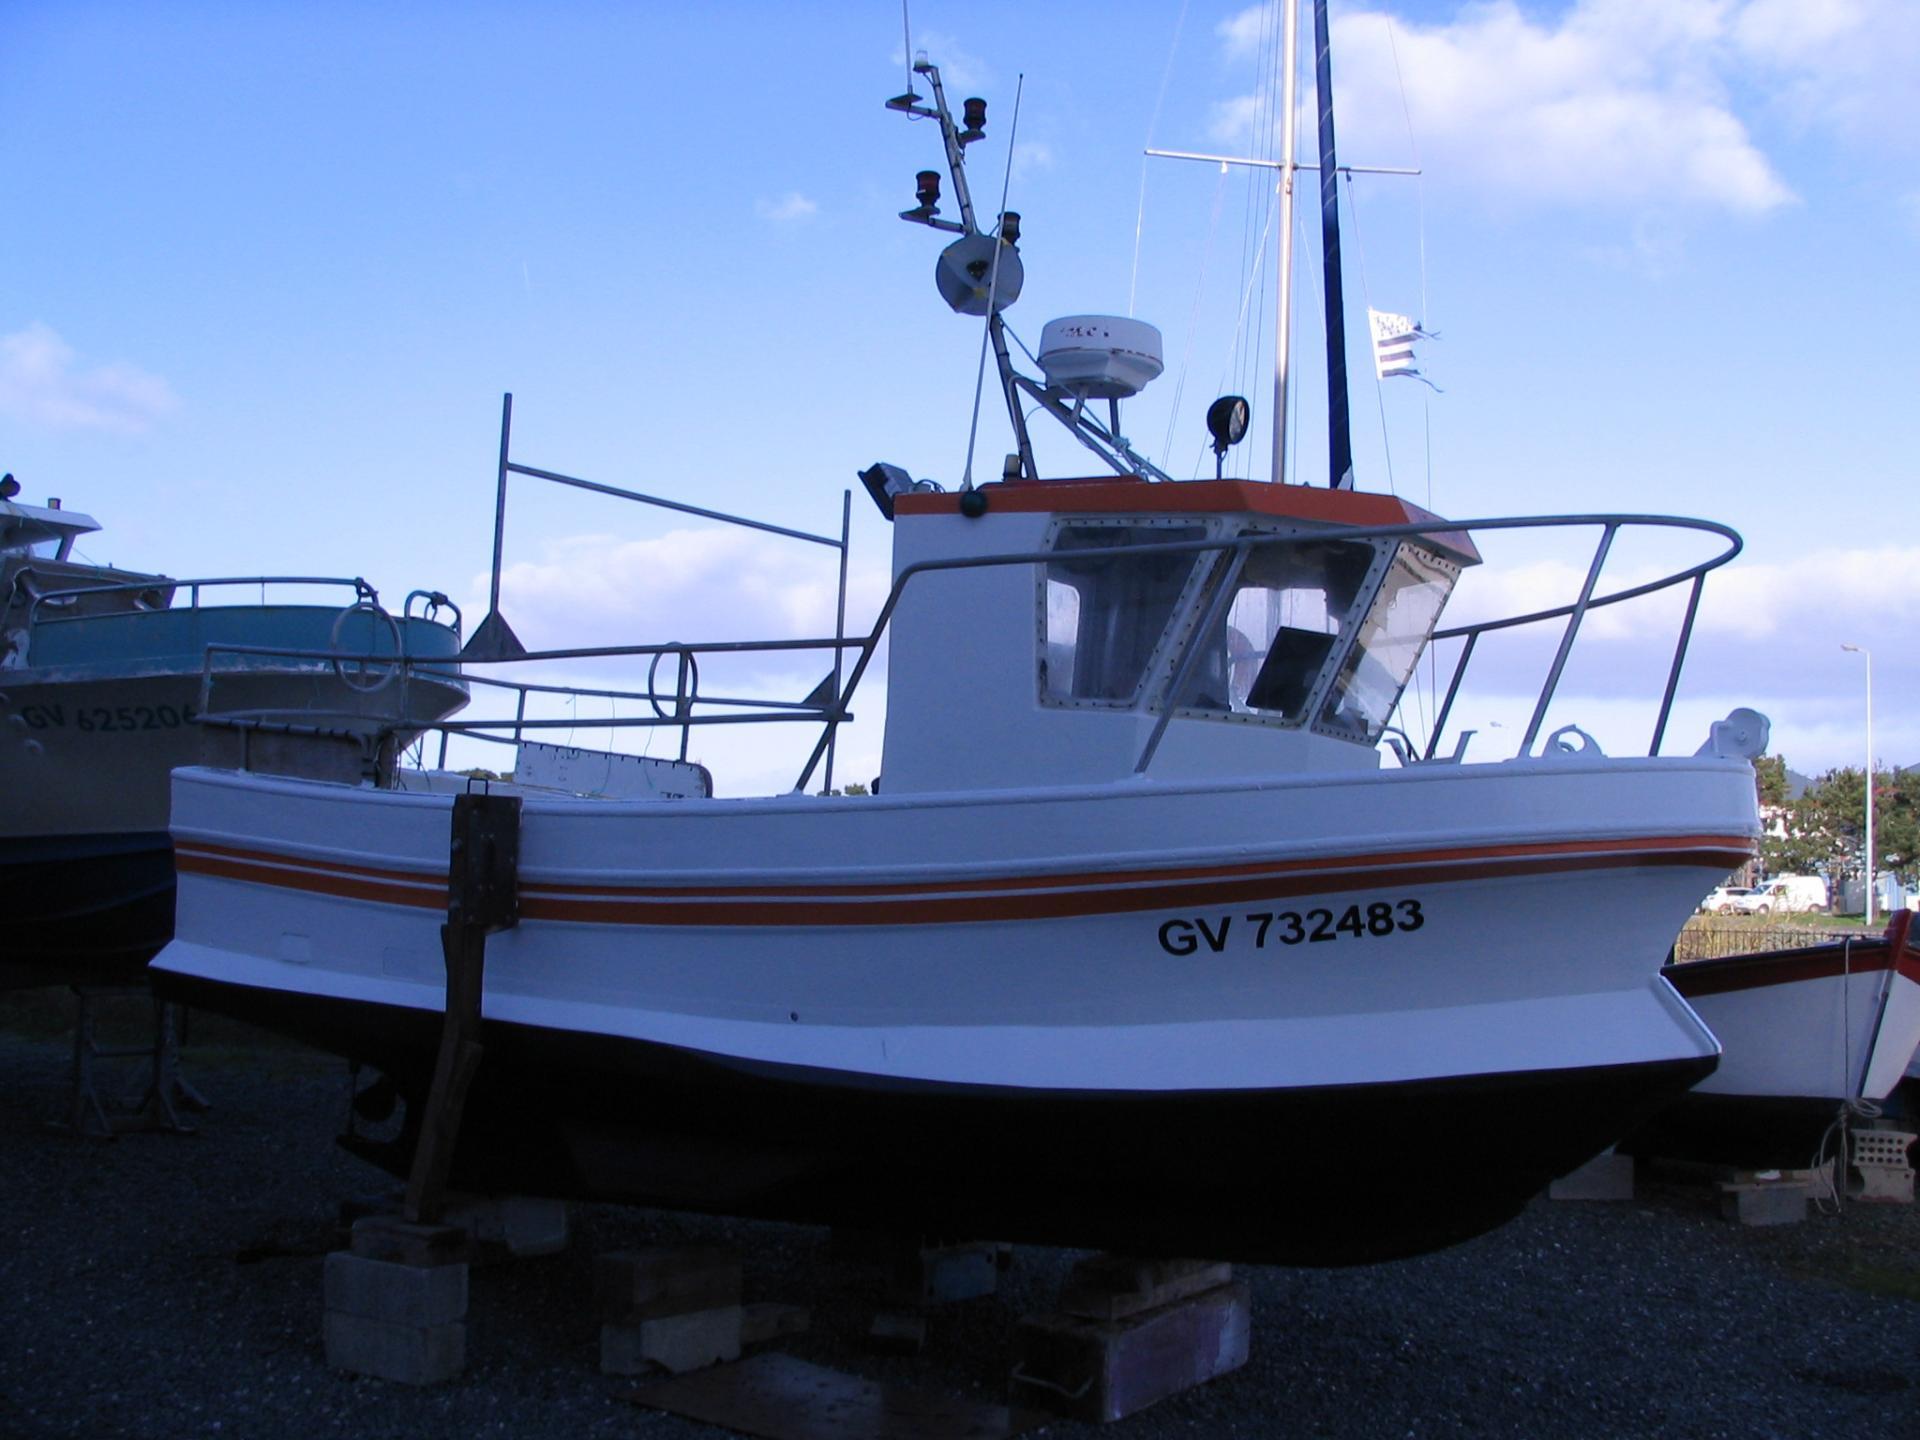 200110 le flot carenage a